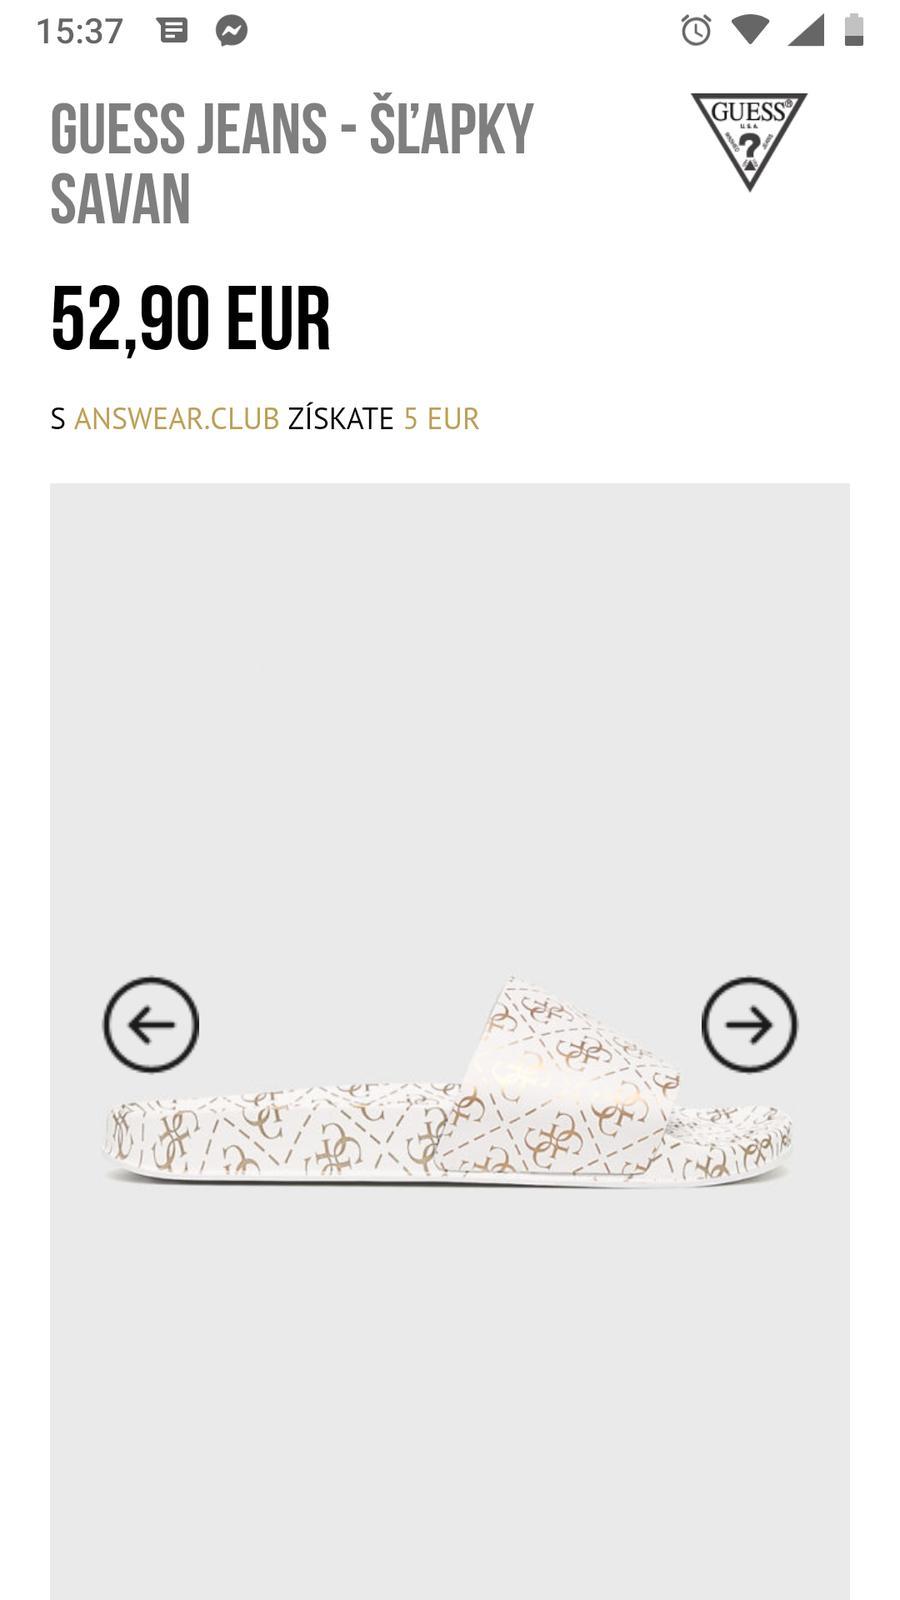 db6191d9c Guess damske slapky, guess,39 - 38,50 € od predávajúcej lusy2722 ...